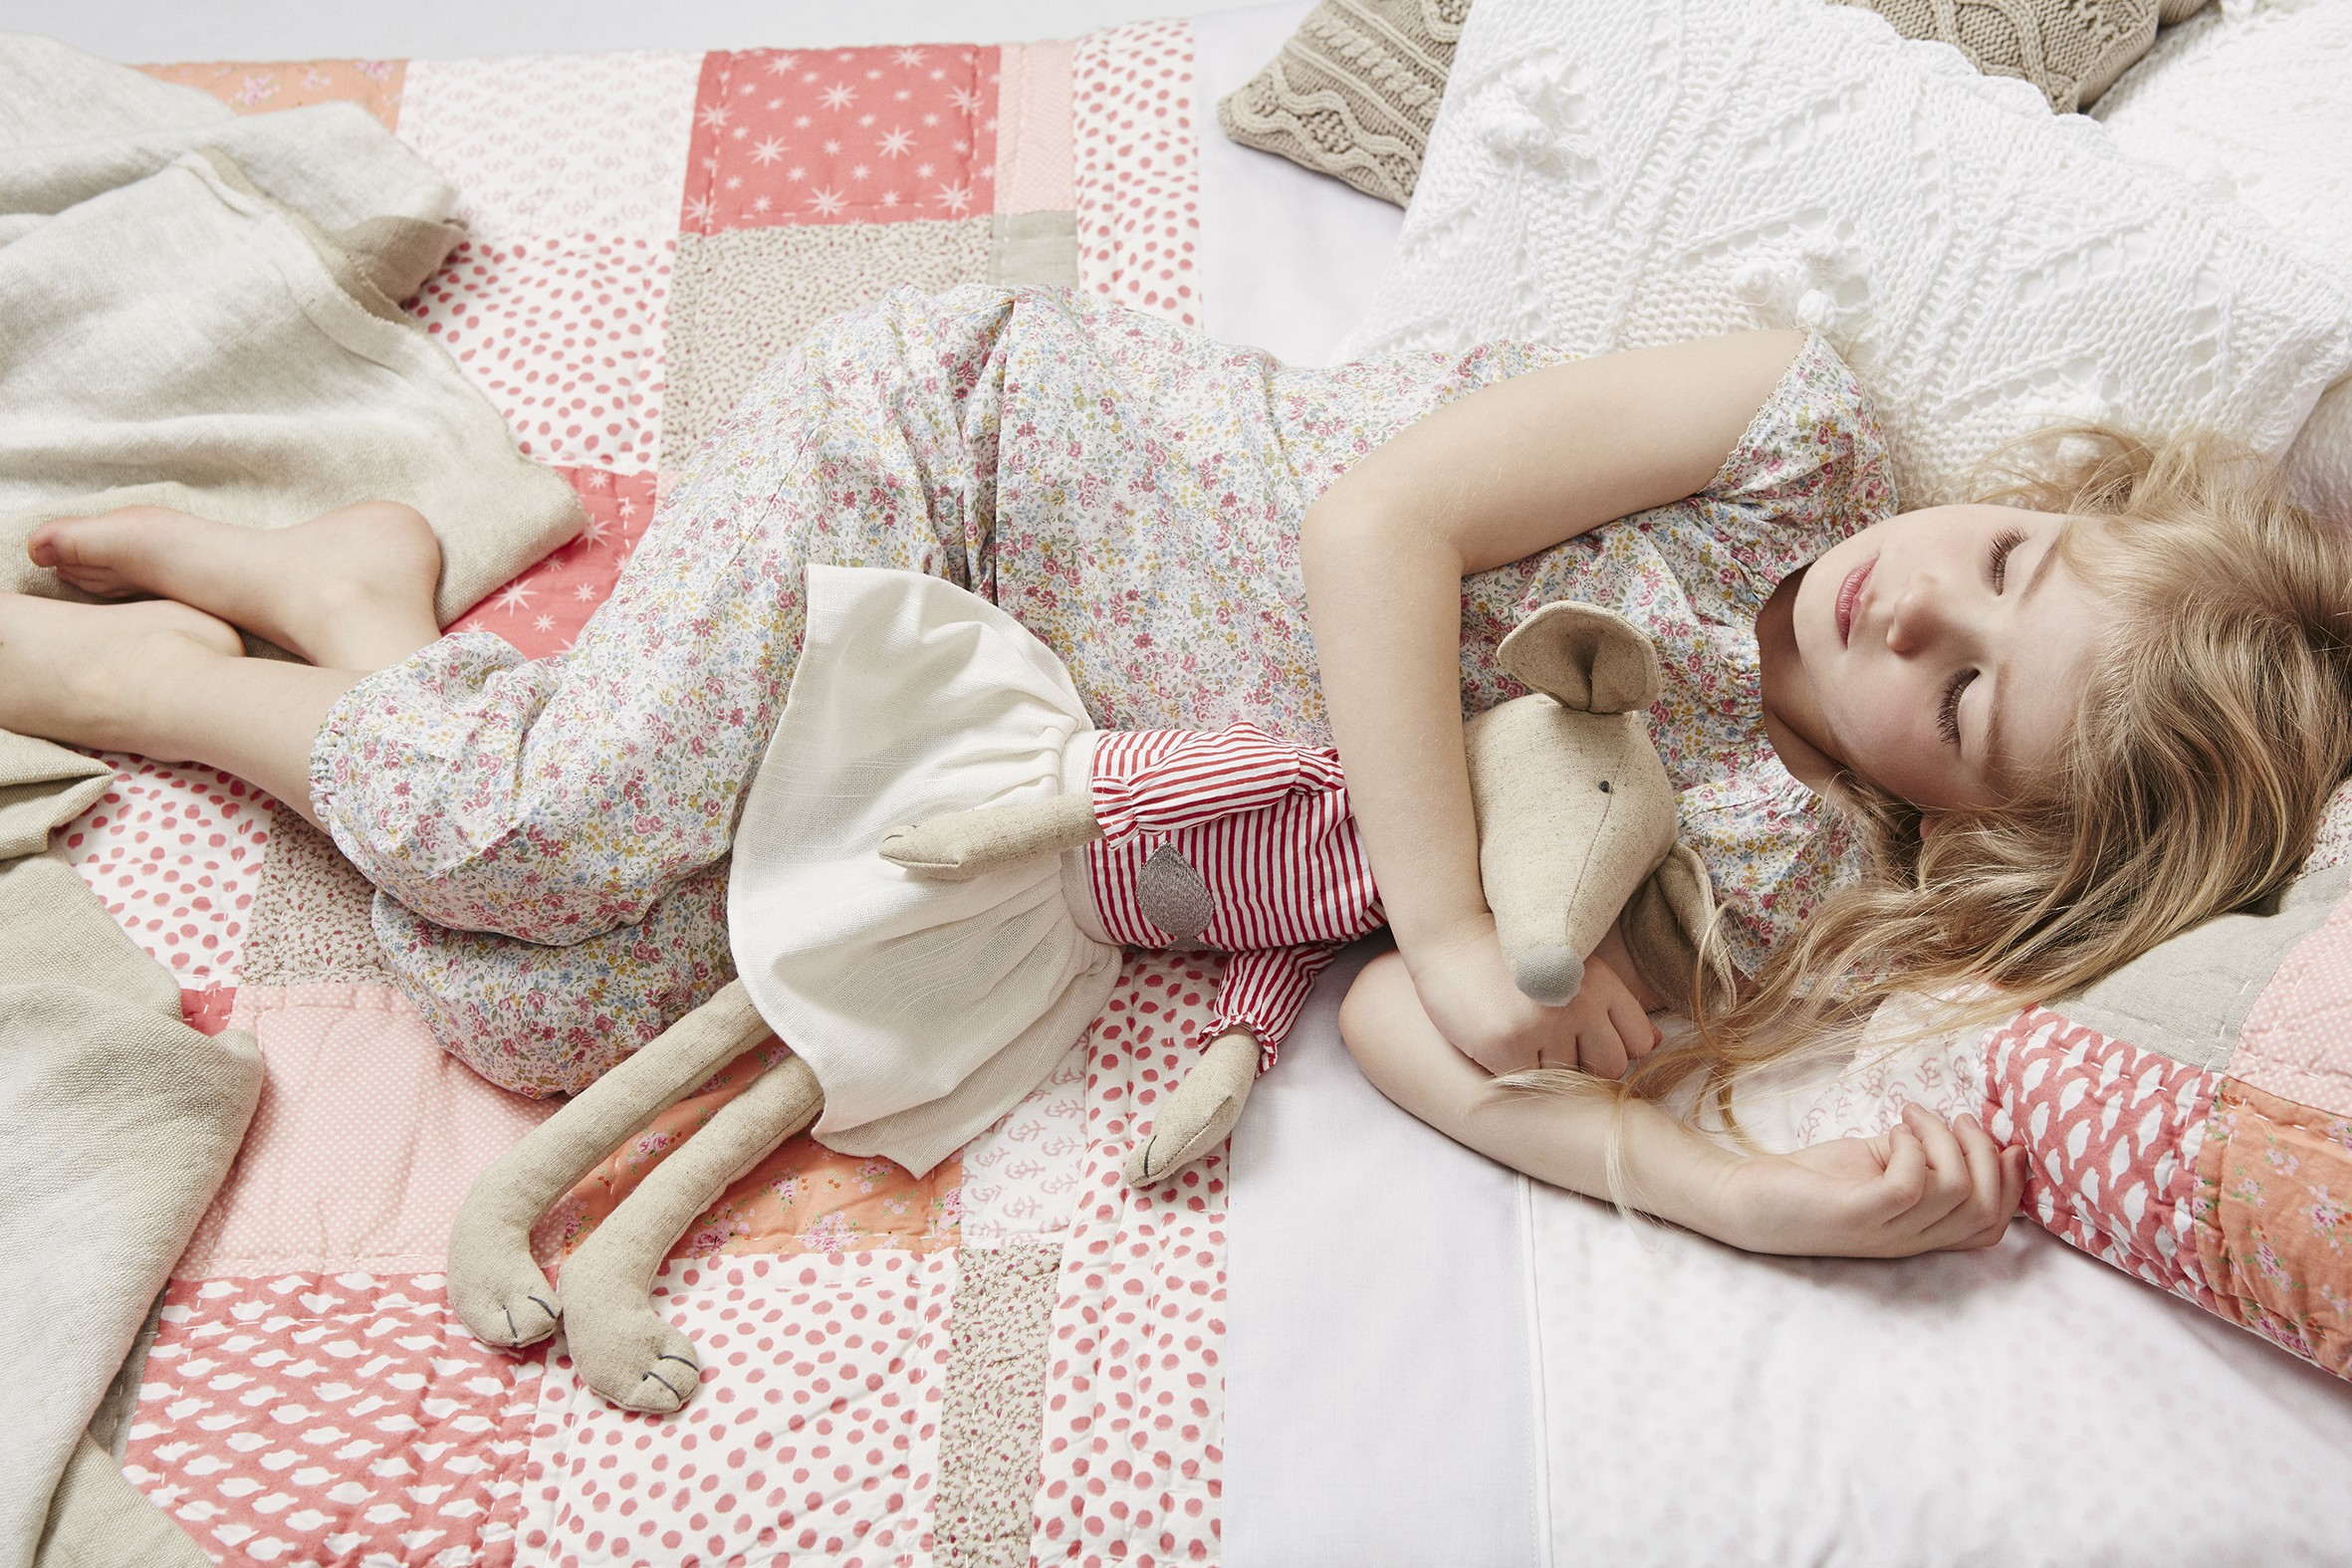 Wohnzimmerz: Zara Home Kids With Zara Home Kids Fall/Winter ...